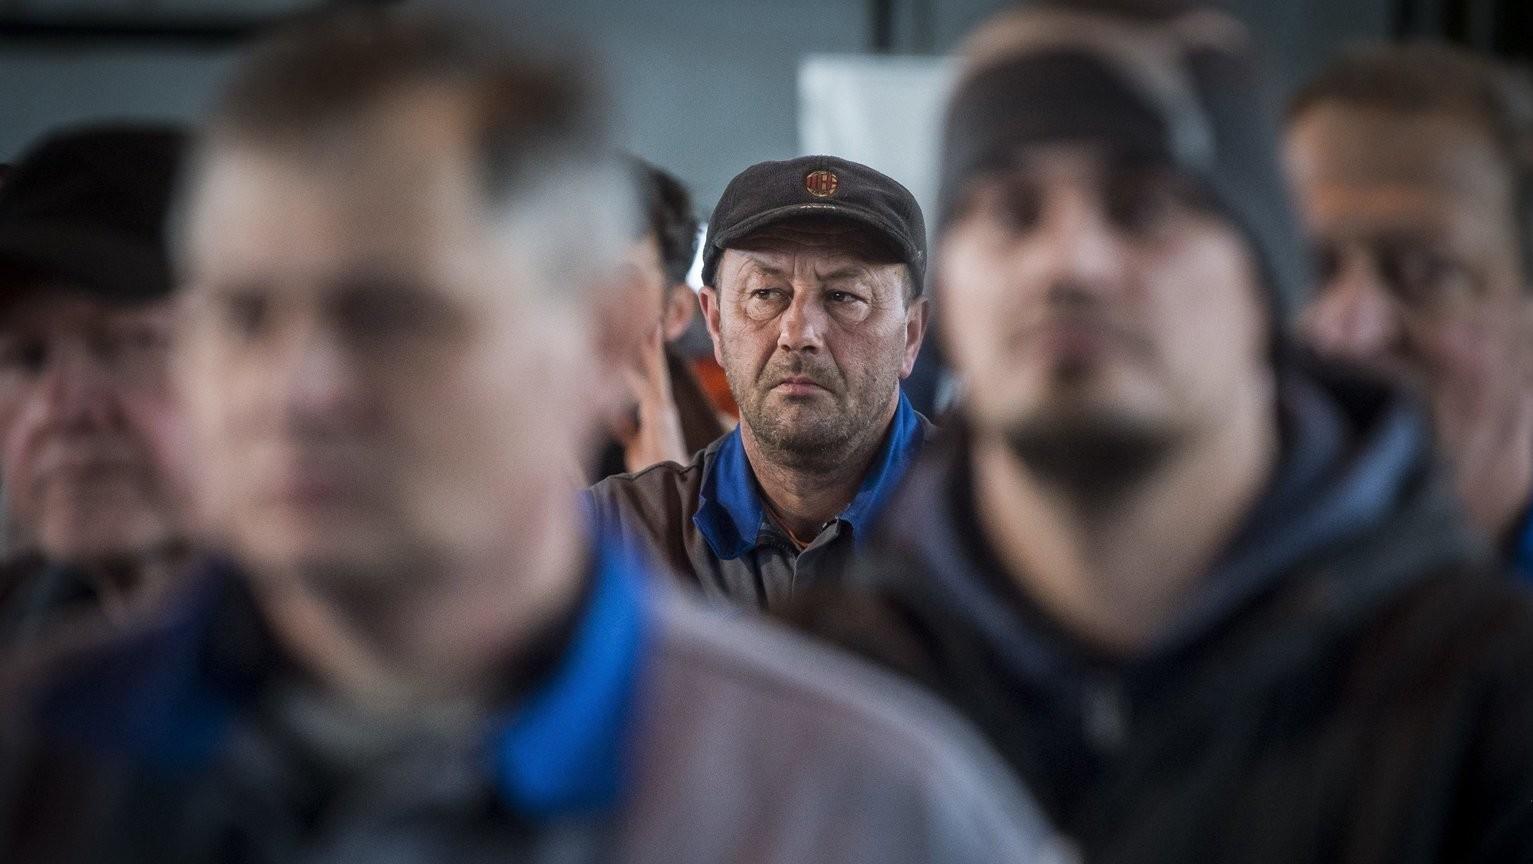 Dolgozók az ünnepségen a fennállásának 50. évfordulóját ünneplő, pótkocsikat és gépjármű felépítményeket gyártó Budamobil-Cargo Járműipari és Szolgáltató Kft. kalocsai üzemében 2018. február 23-án – képünk illusztráció (MTI Fotó: Ujvári Sándor)